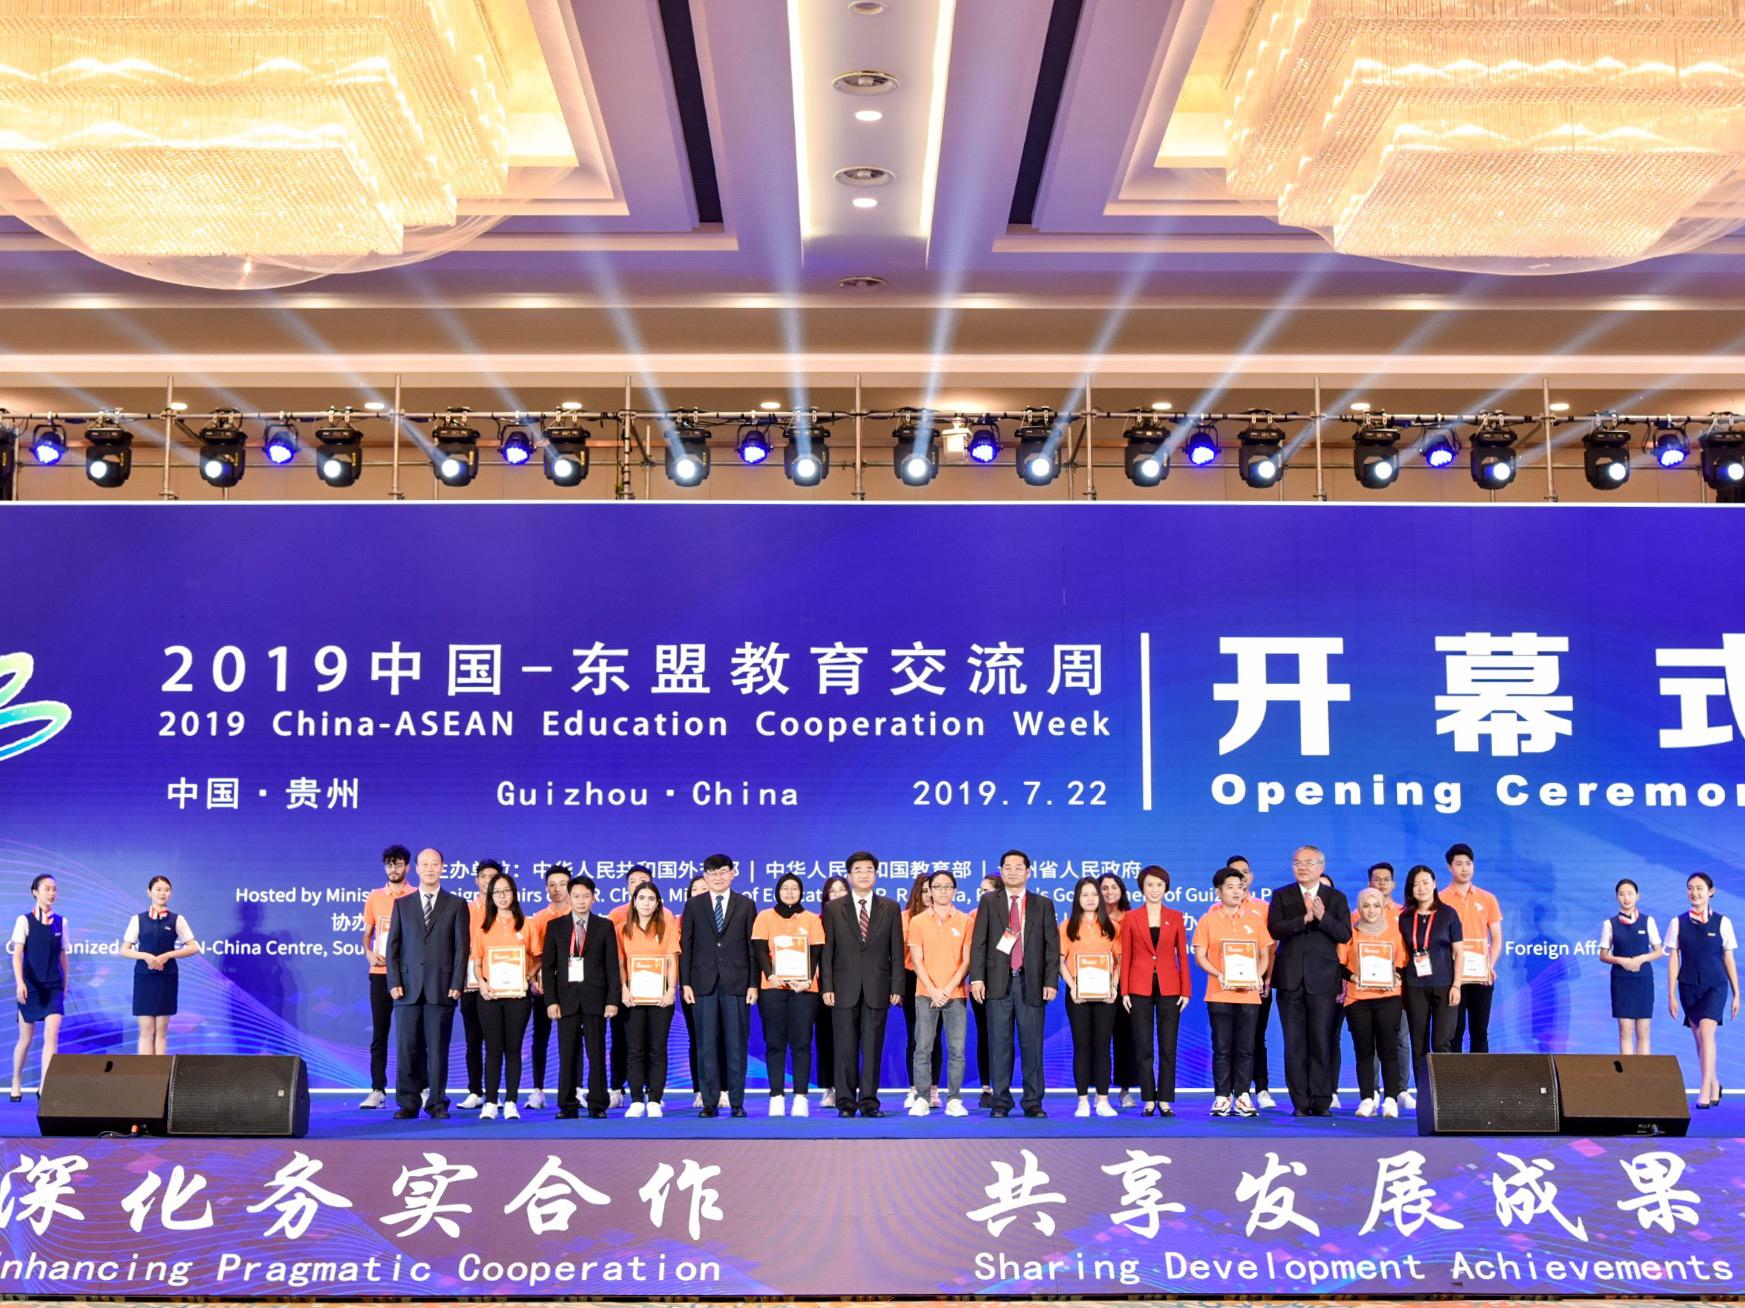 贵州省委副书记、省长谌贻琴、中国教育部副部长田学军为获得一等奖的 CCN 大马学生团队颁奖